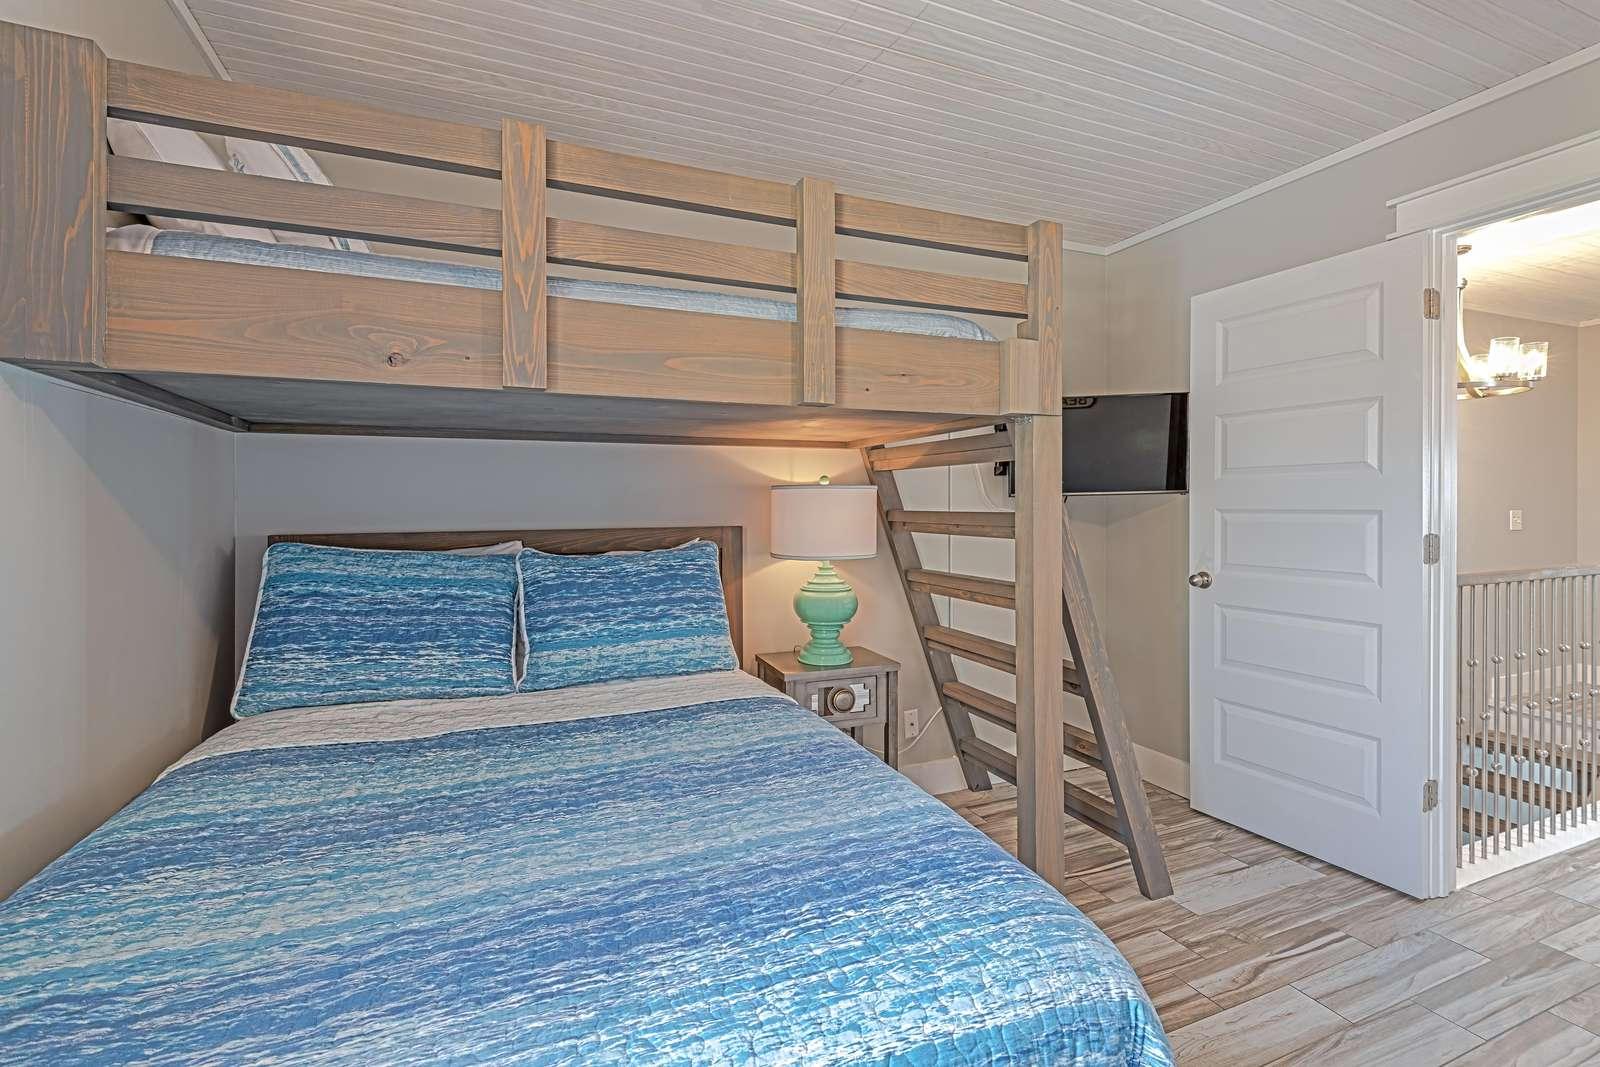 The guest bedroom has plenty of sleeping options!